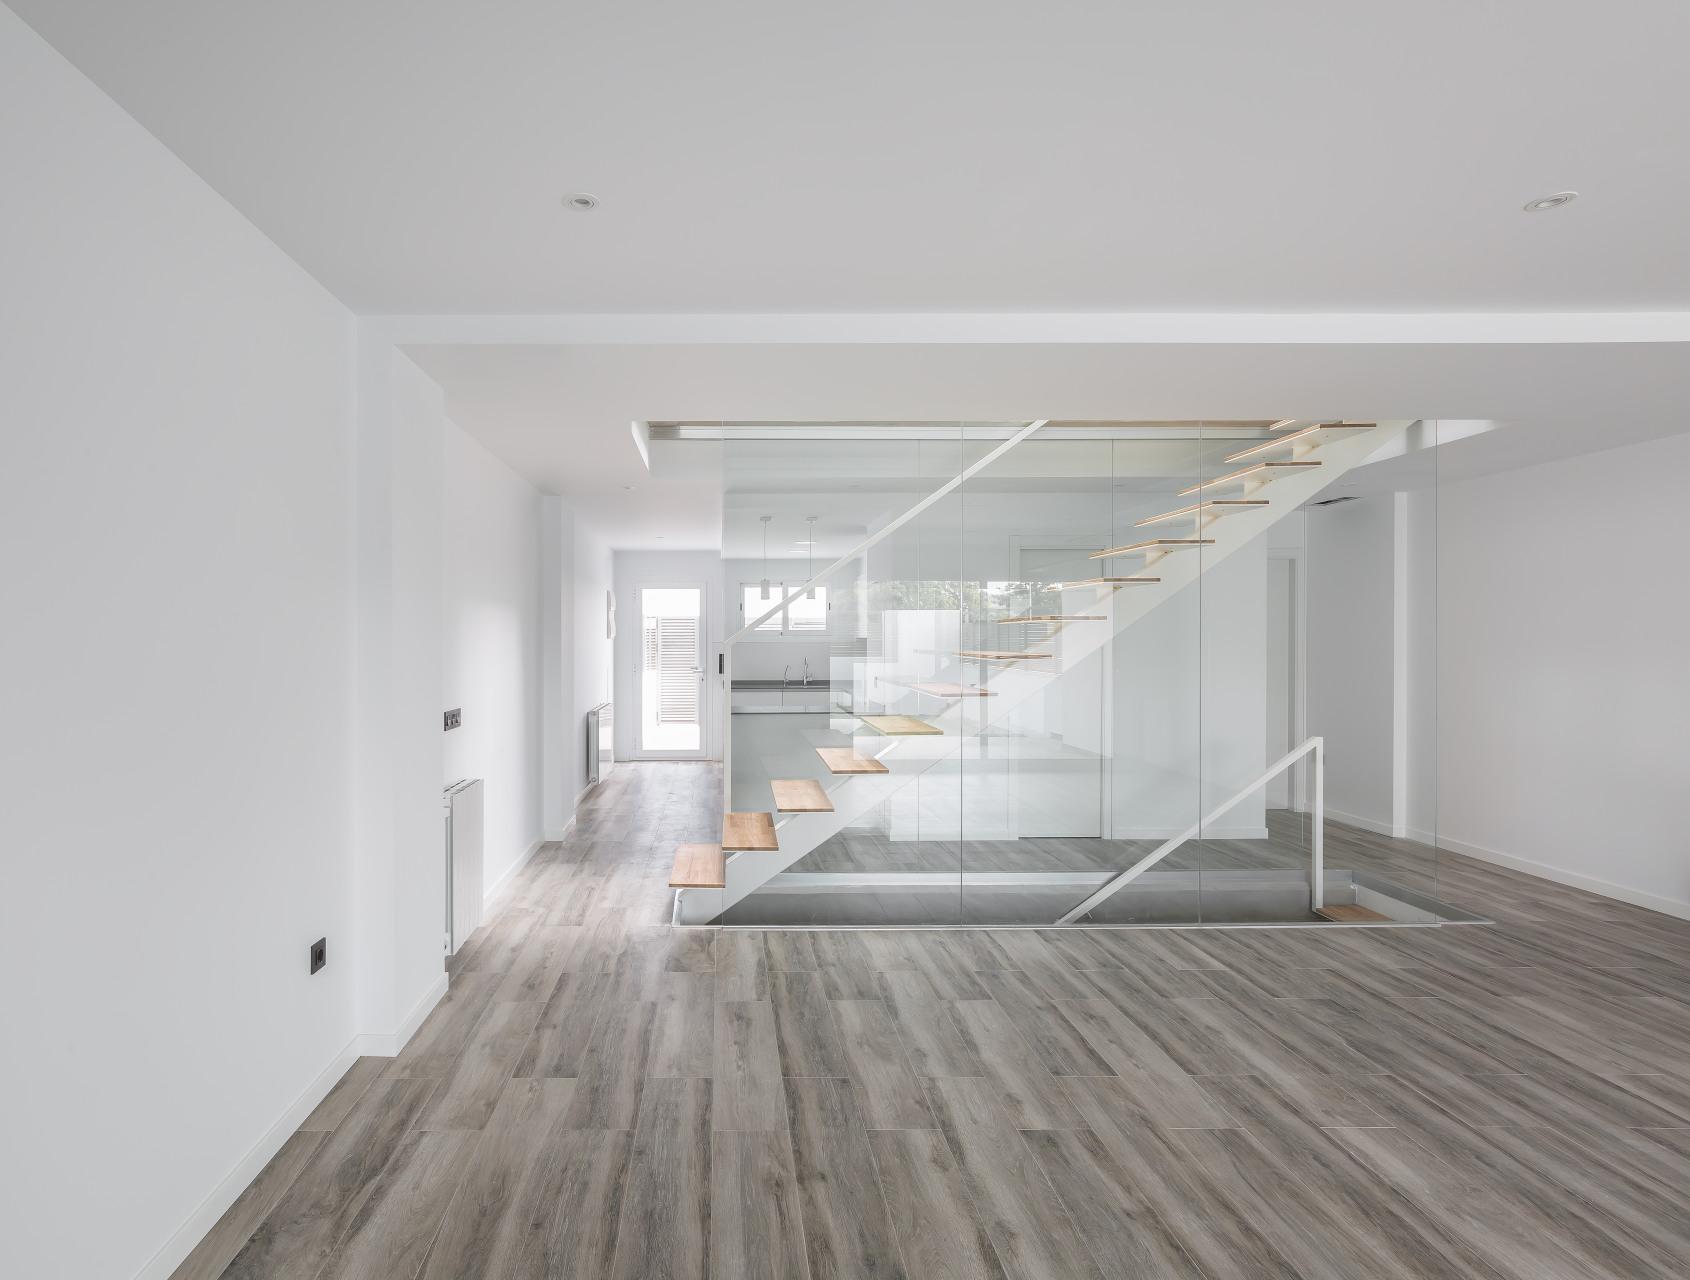 fotografia-arquitectura-valencia-puig-german-cabo-viraje-v15 (6)